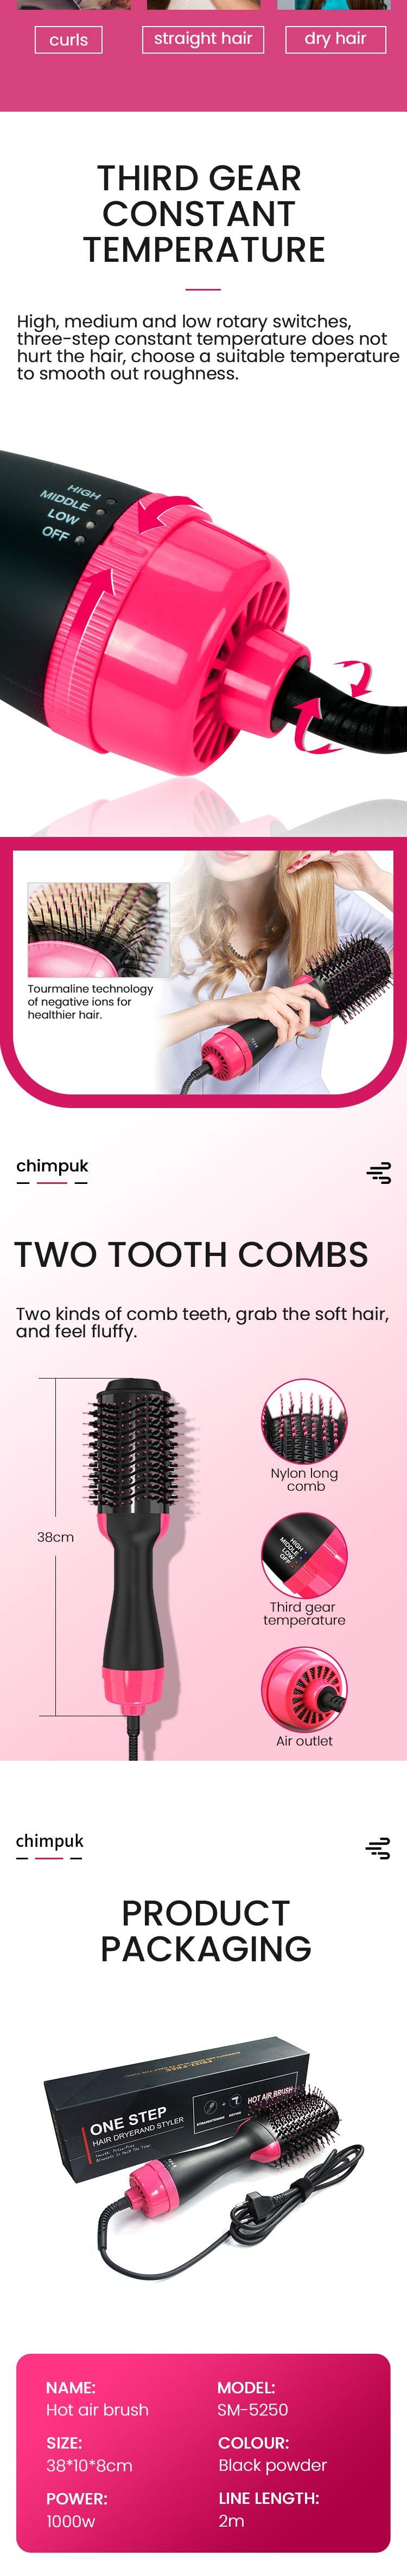 volumizador para um passo, modelador e secador de cabelo soprar